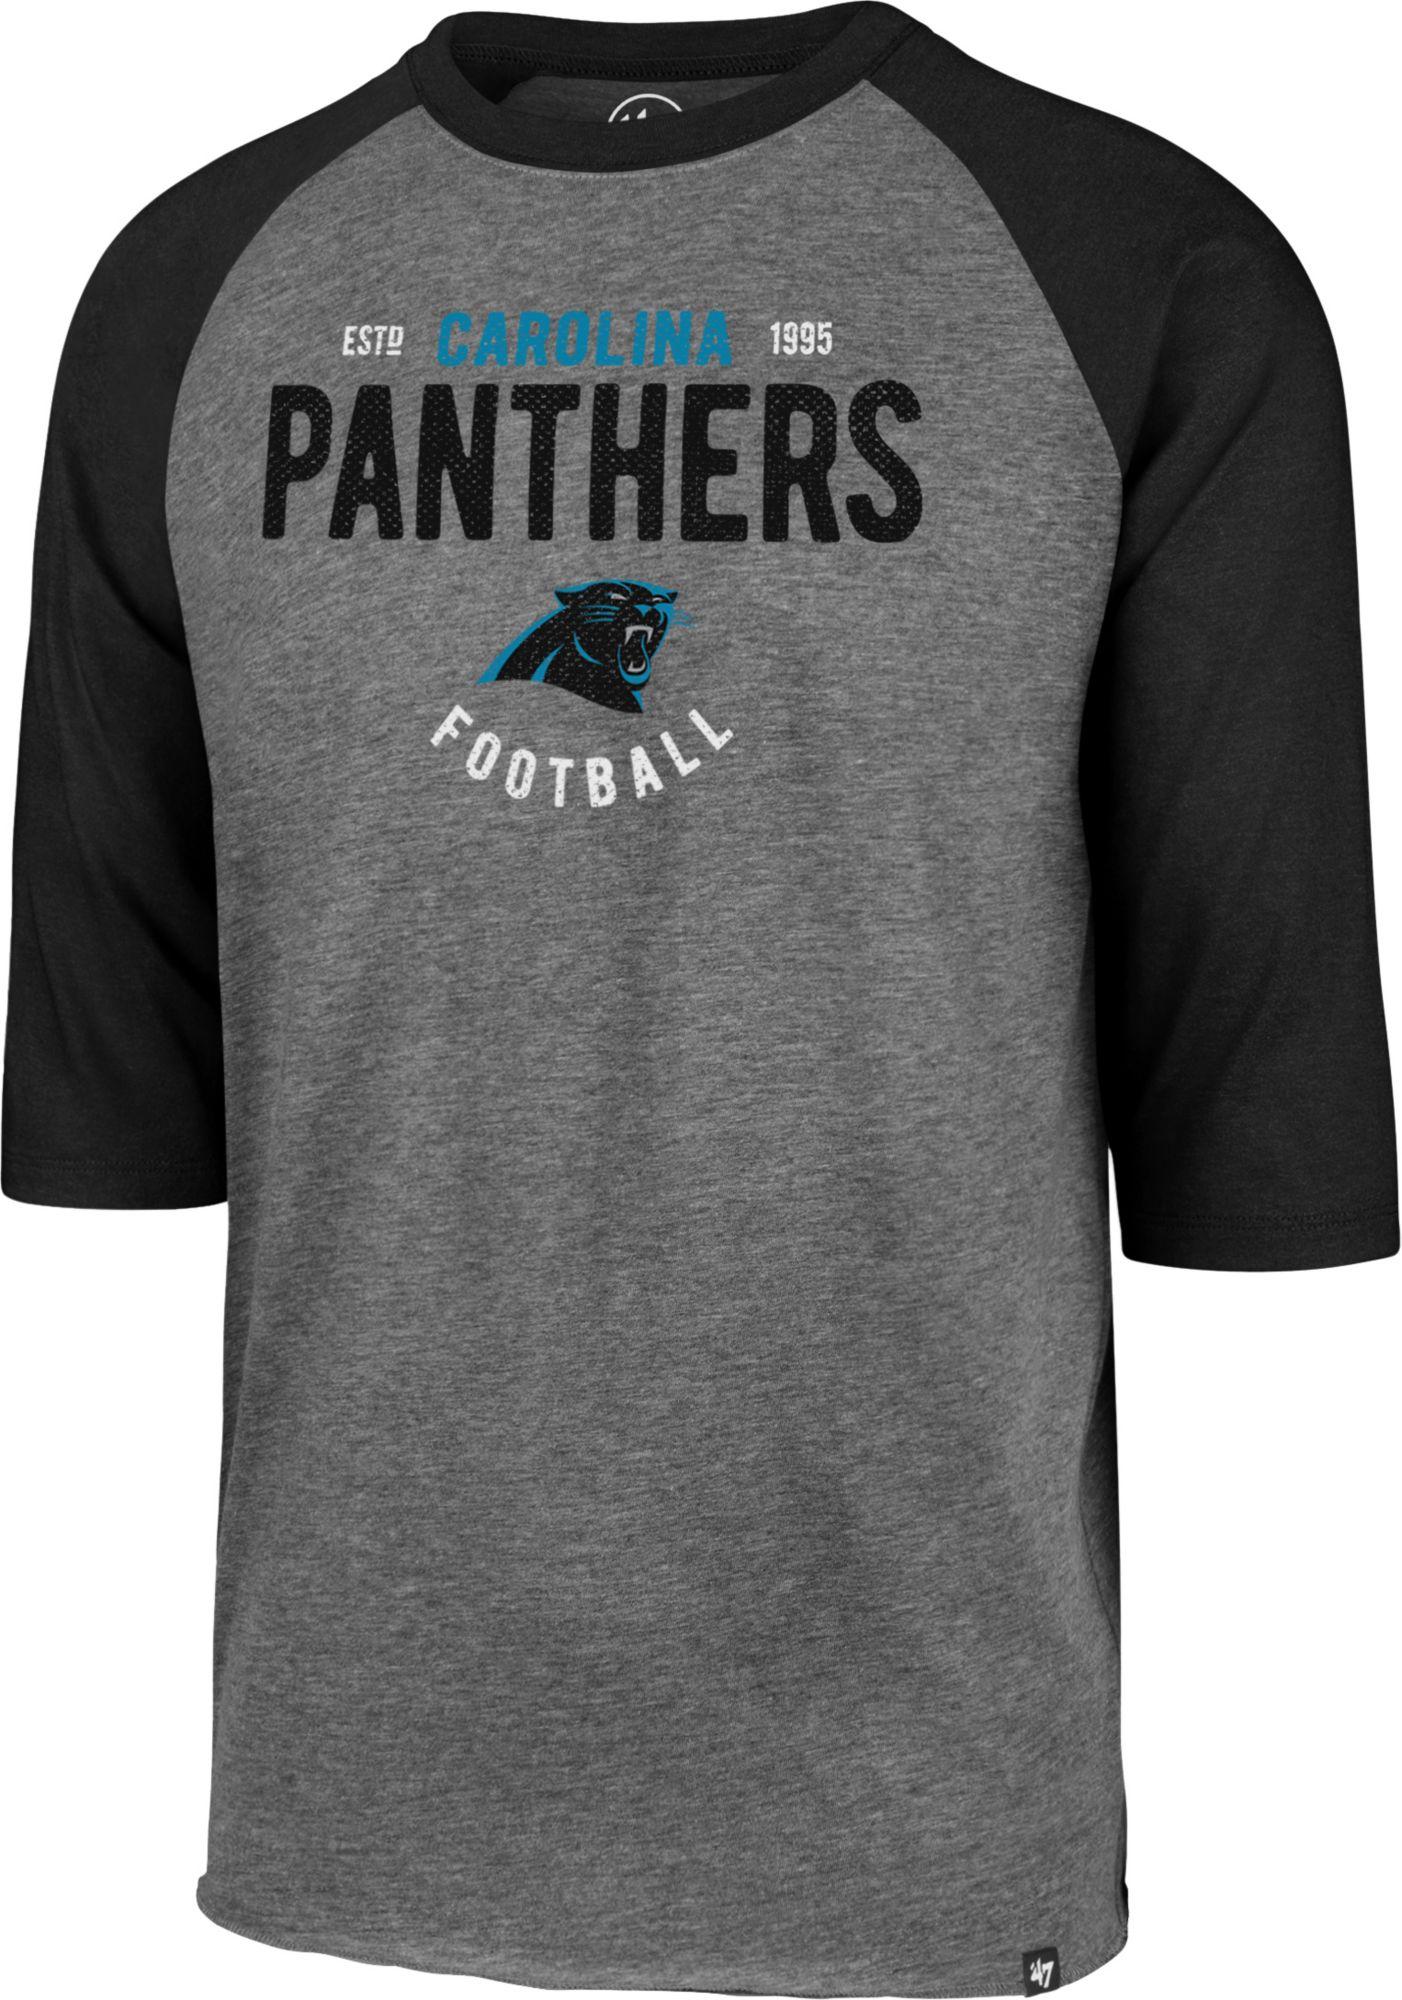 who sells carolina panthers shirts